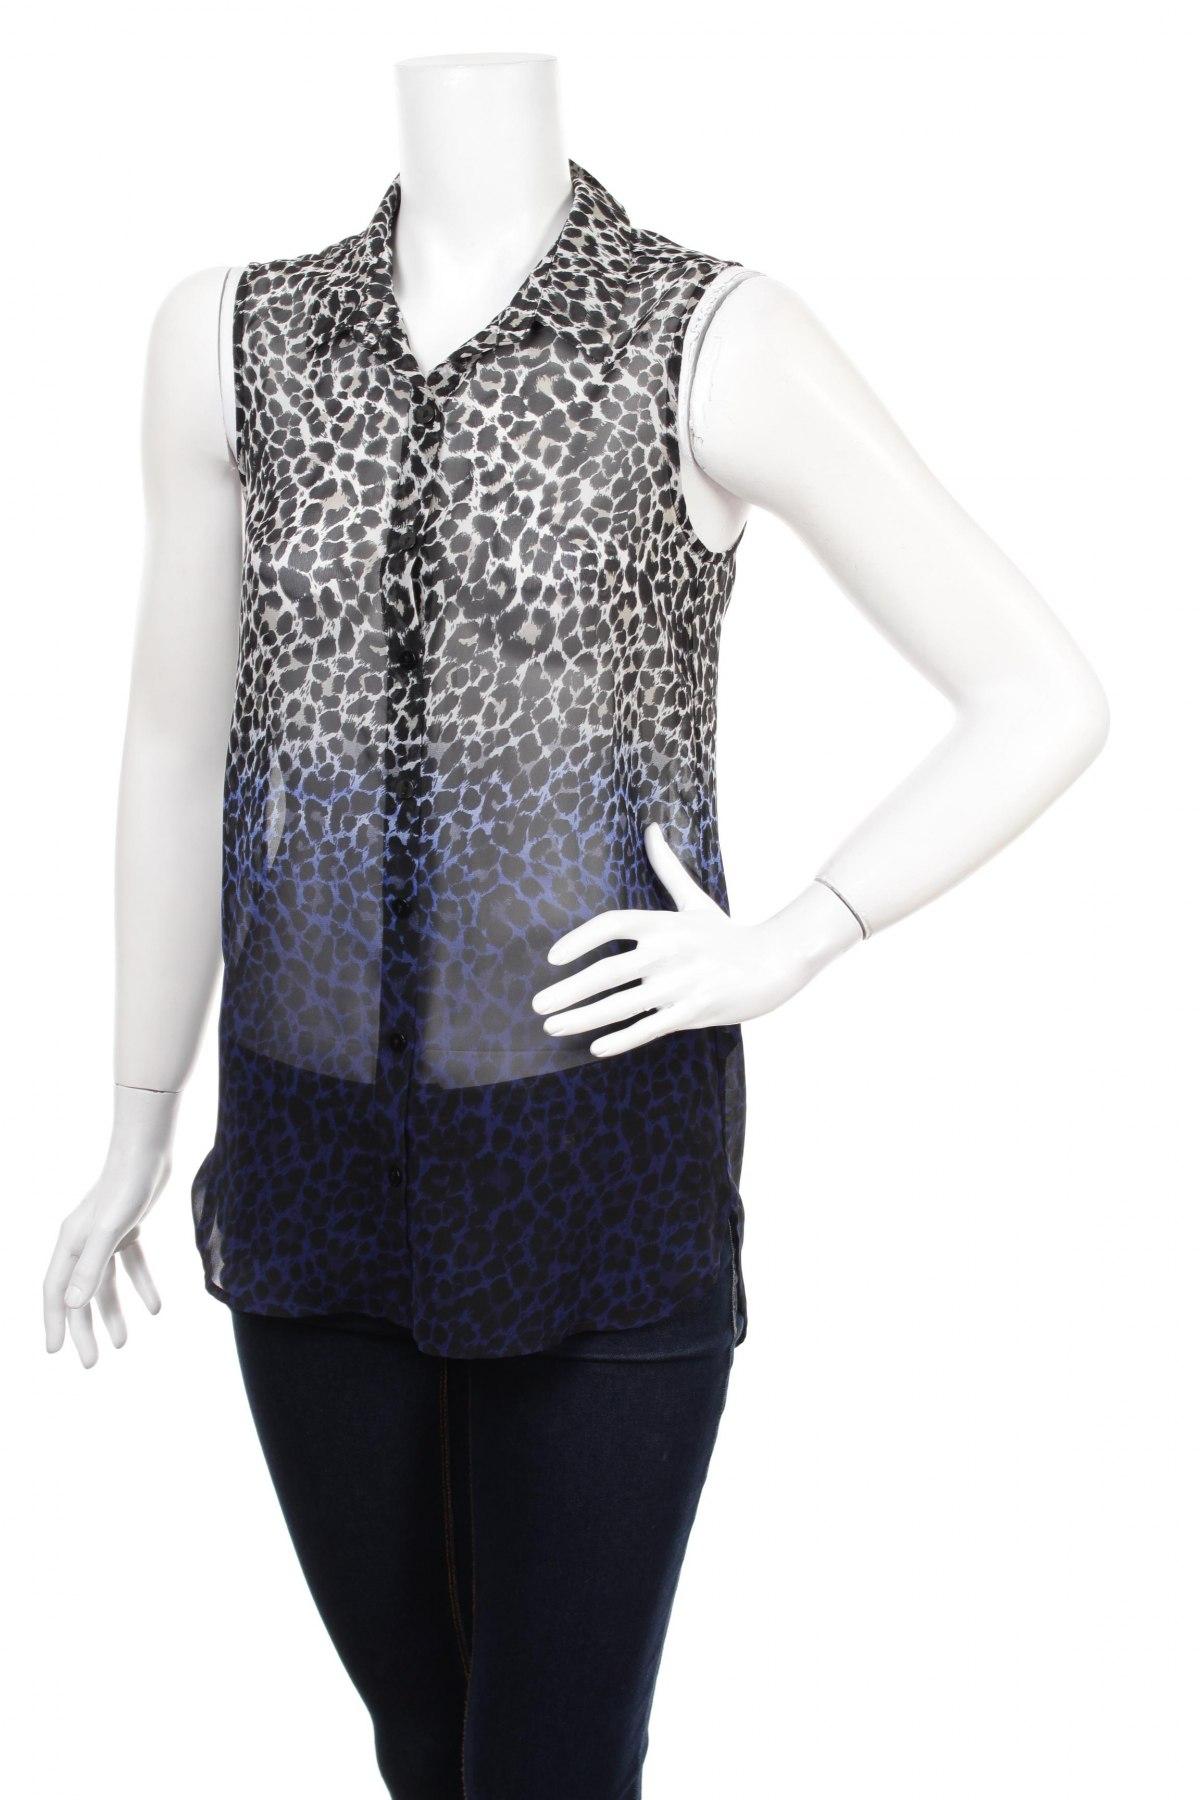 Γυναικείο πουκάμισο H&M Divided, Μέγεθος XS, Χρώμα Πολύχρωμο, Πολυεστέρας, Τιμή 15,08€